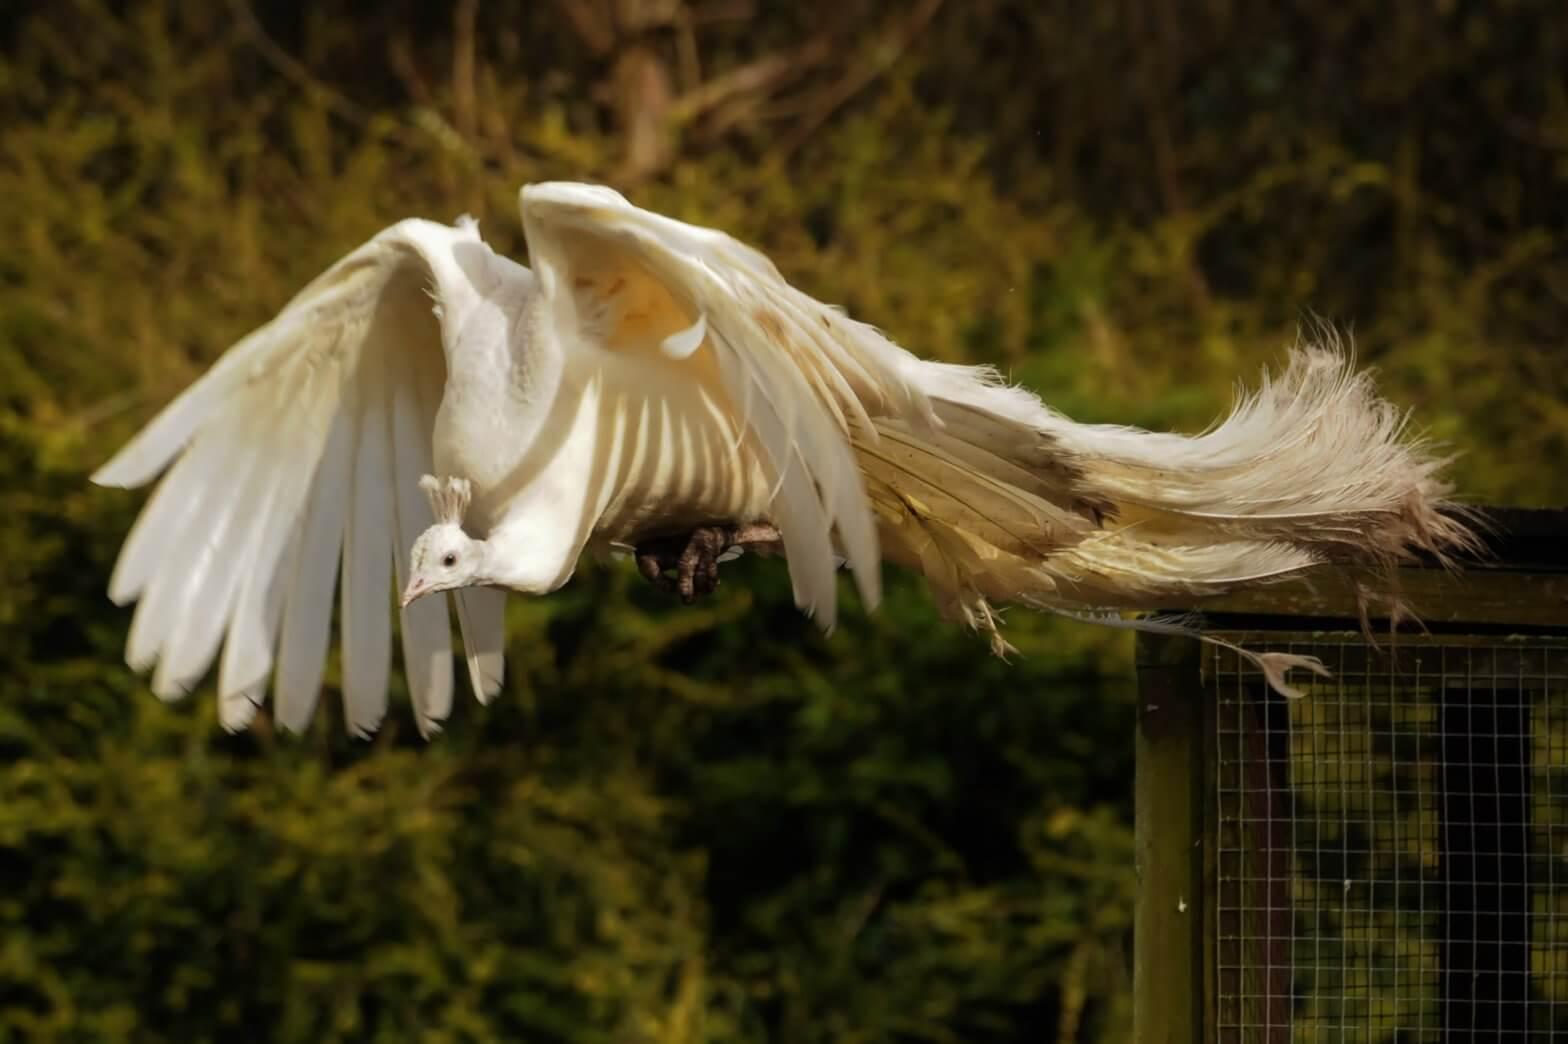 White peacock in flight FAQs